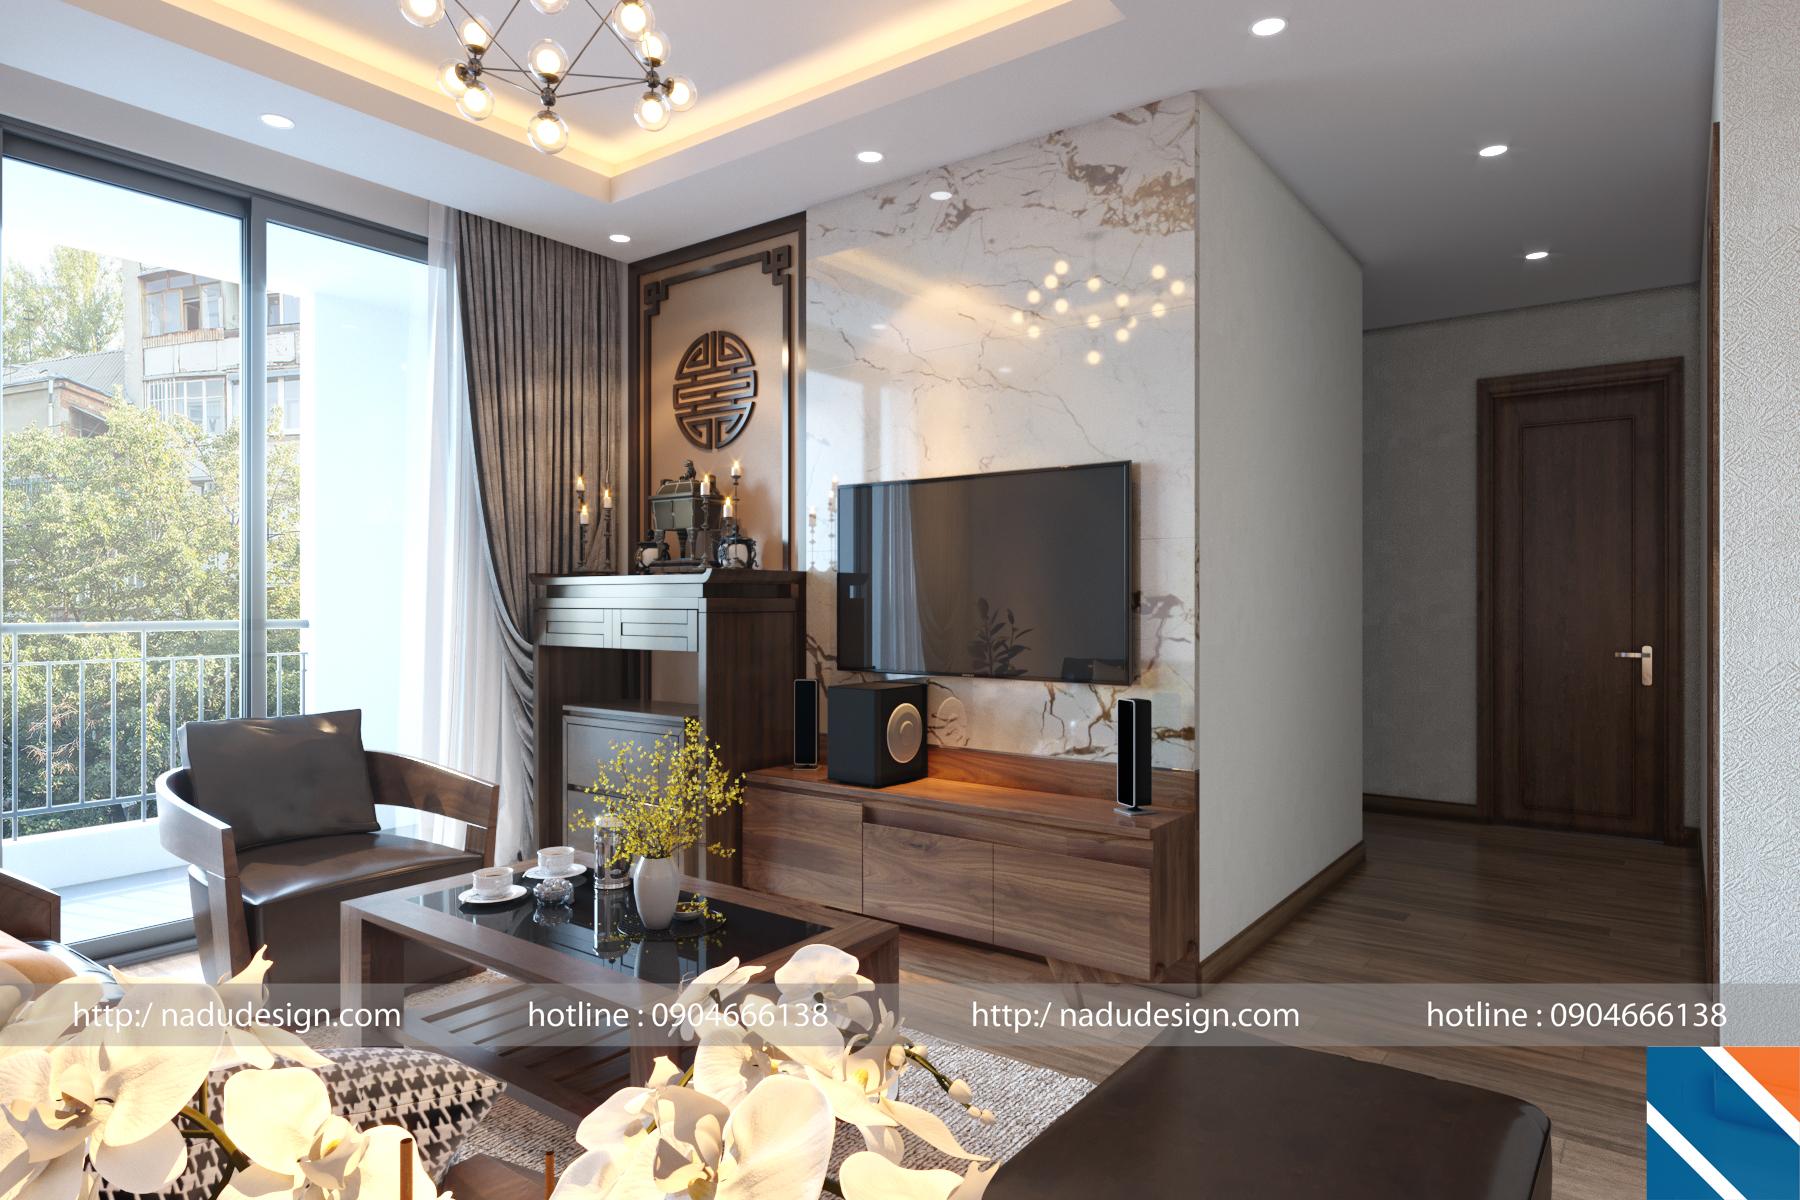 thiết kế nội thất truyền thống